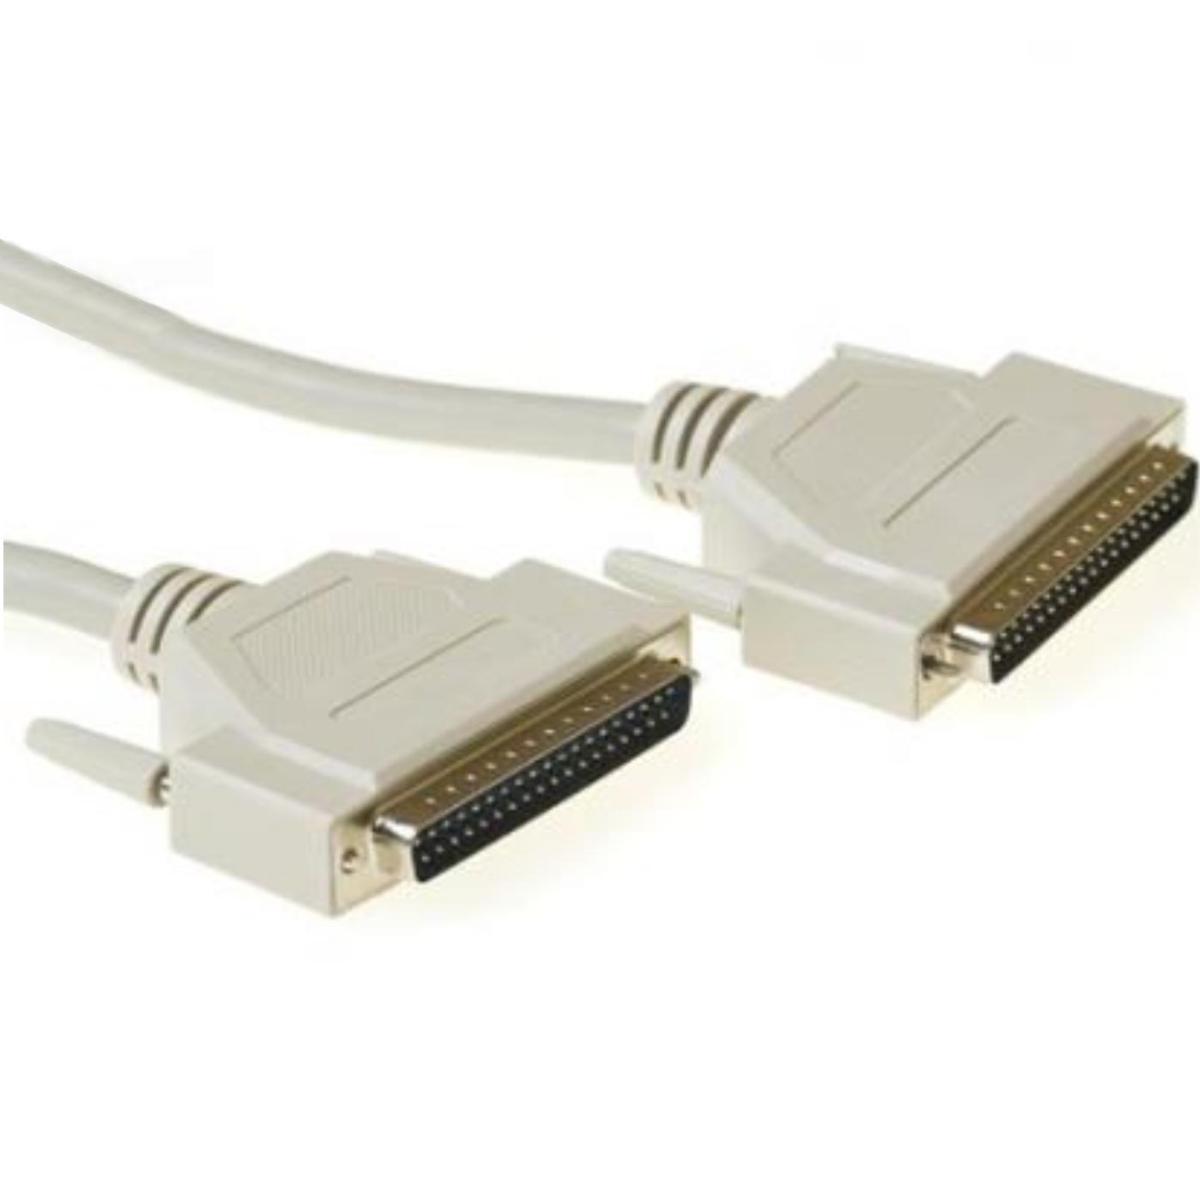 Afbeelding van D SUB 37 kabel 2 meter ECO